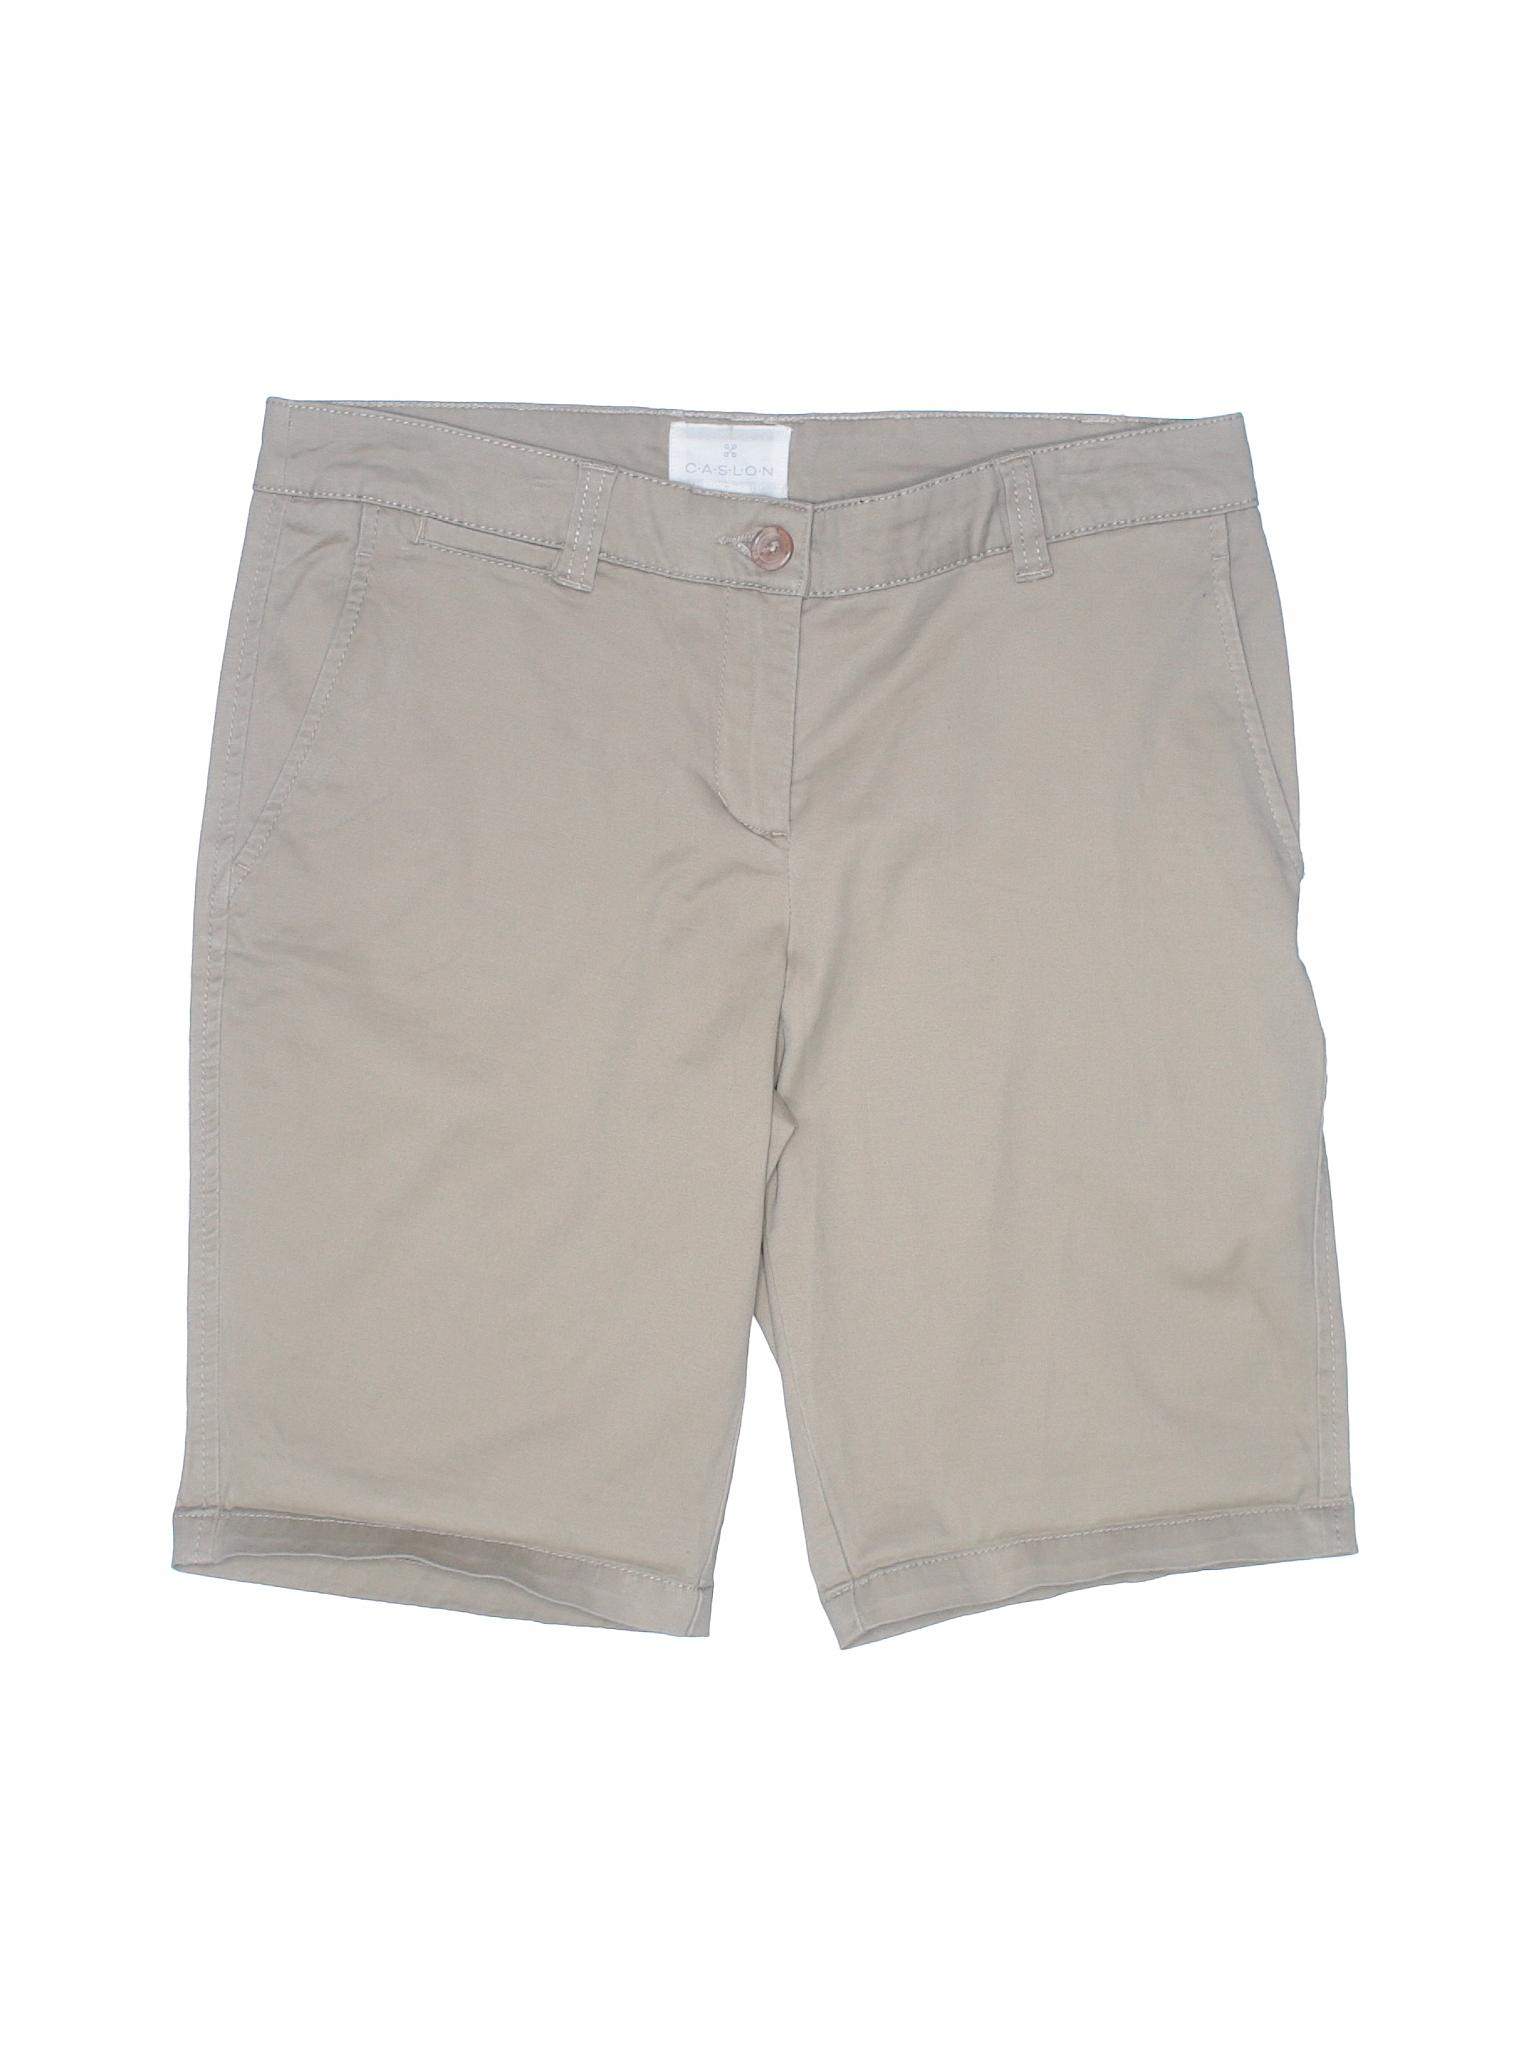 Boutique Boutique Khaki Shorts Caslon Caslon rrYx0a1n